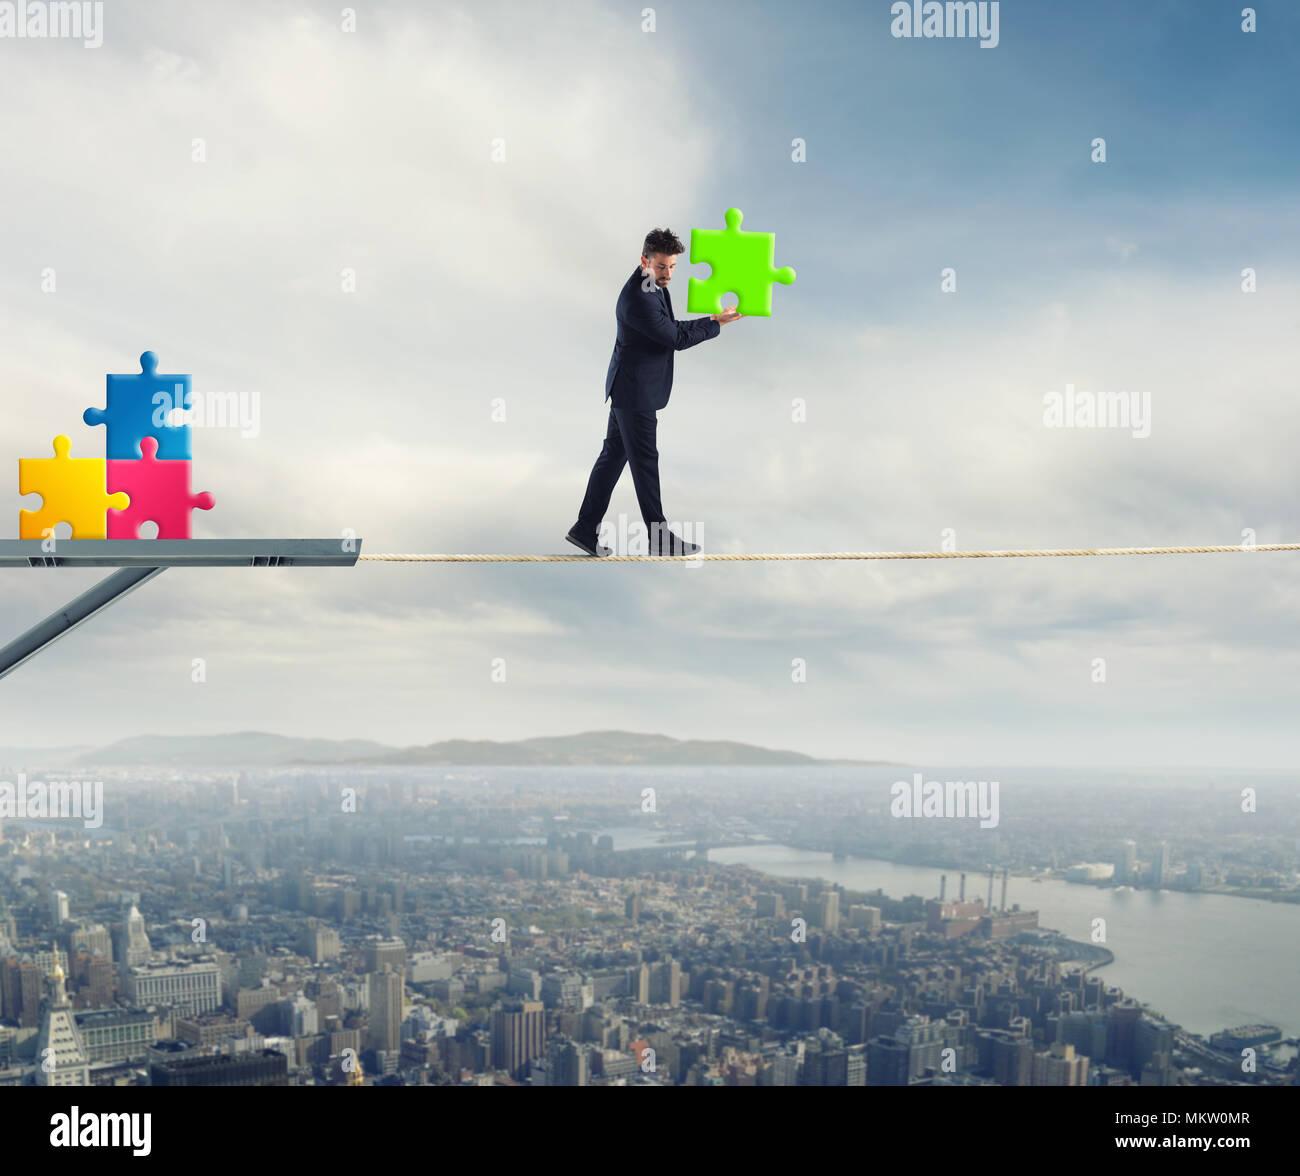 Imprenditore porta un pezzo del puzzle mentre lui a camminare su una fune. concetto di pezzo mancante Immagini Stock